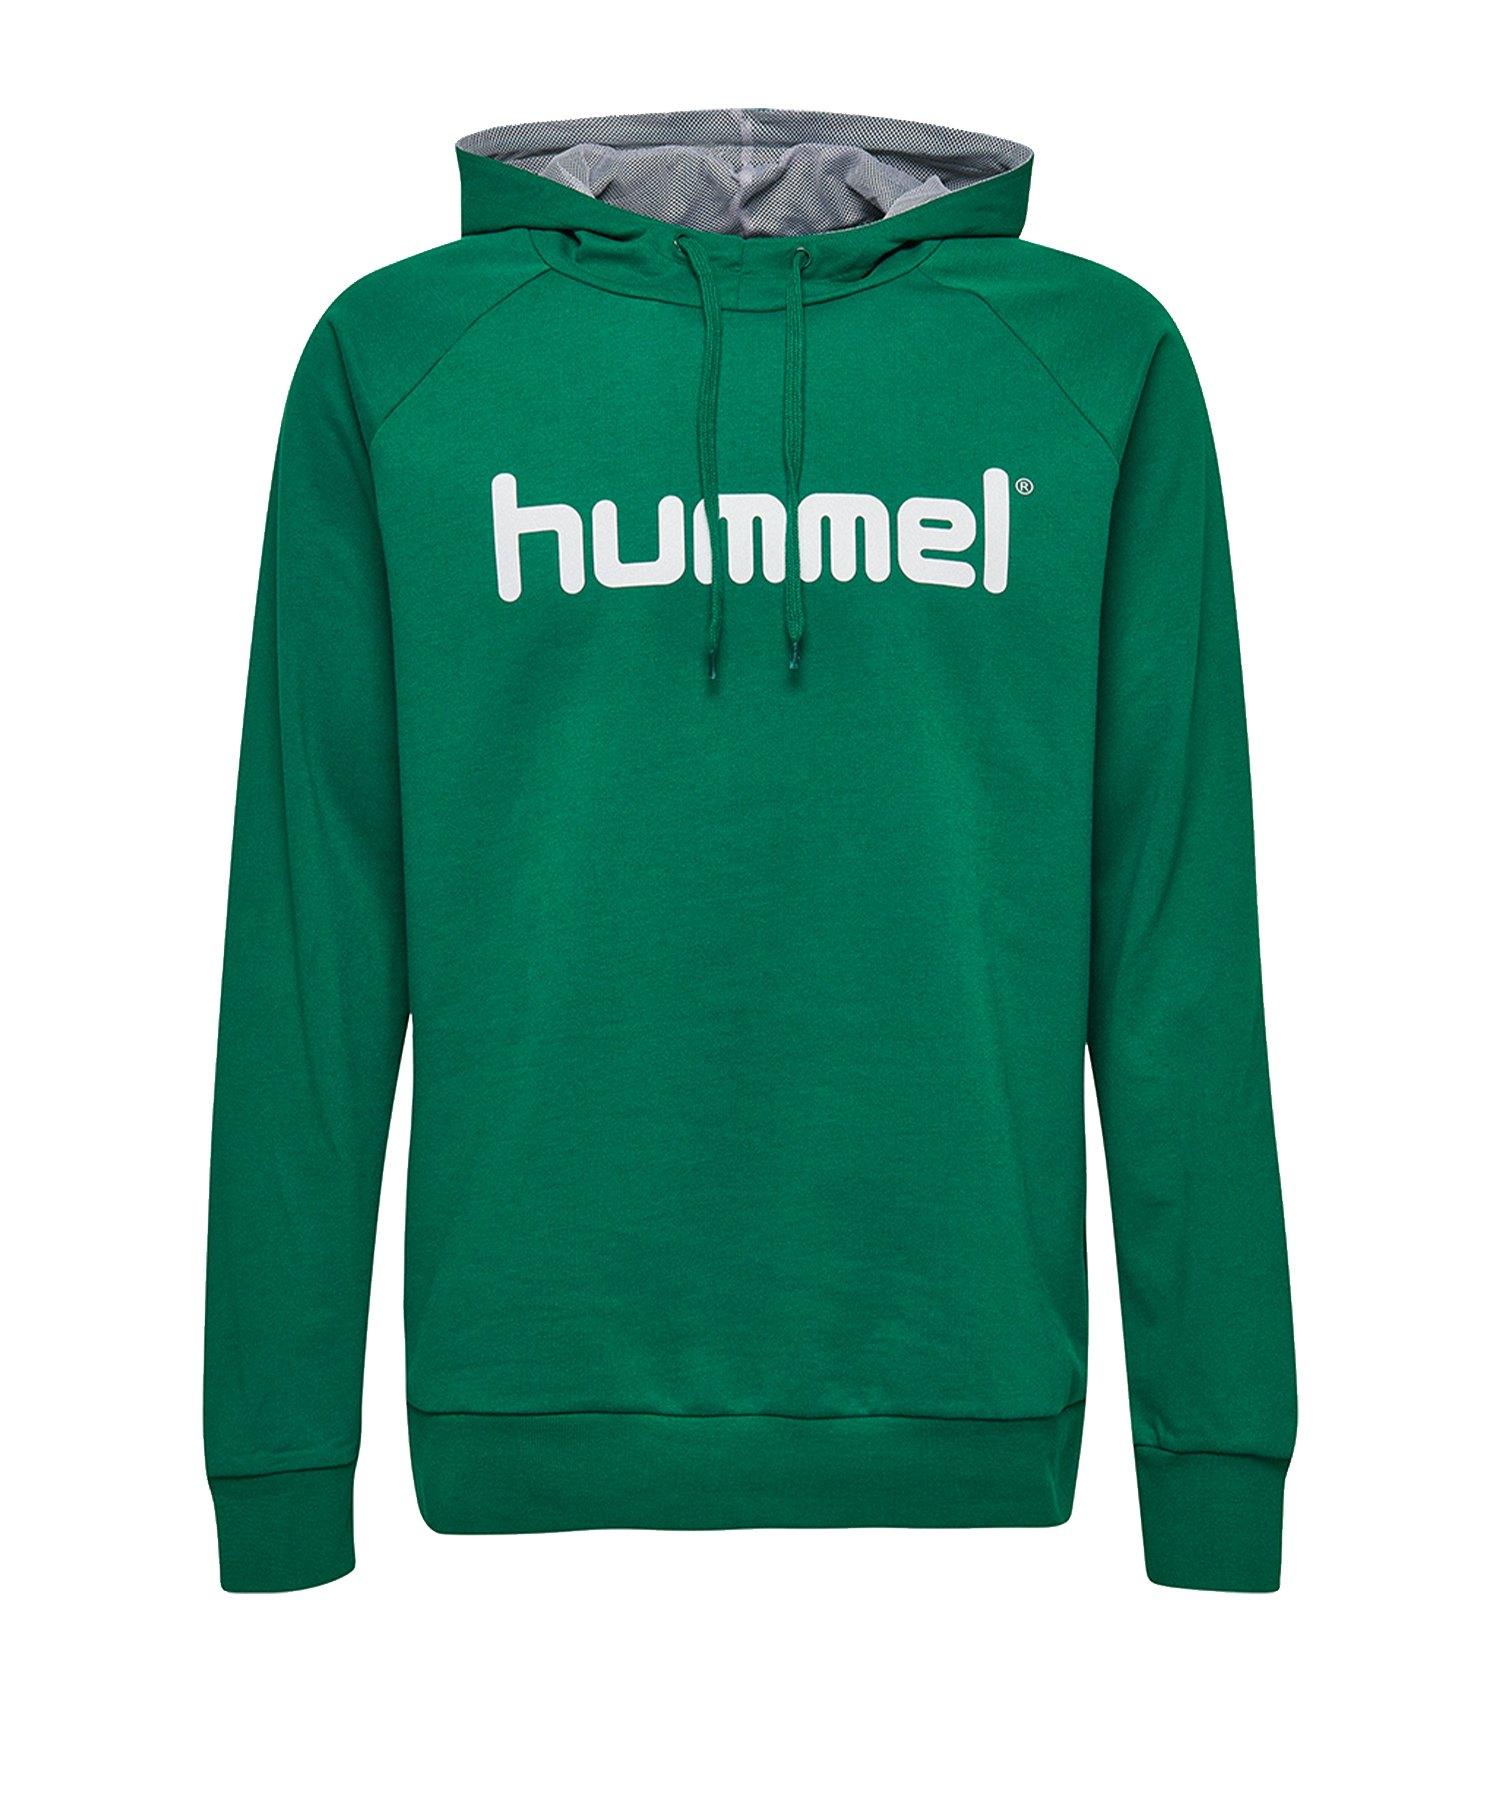 Hummel Cotton Logo Hoody Kids Grün F6140 - Gruen